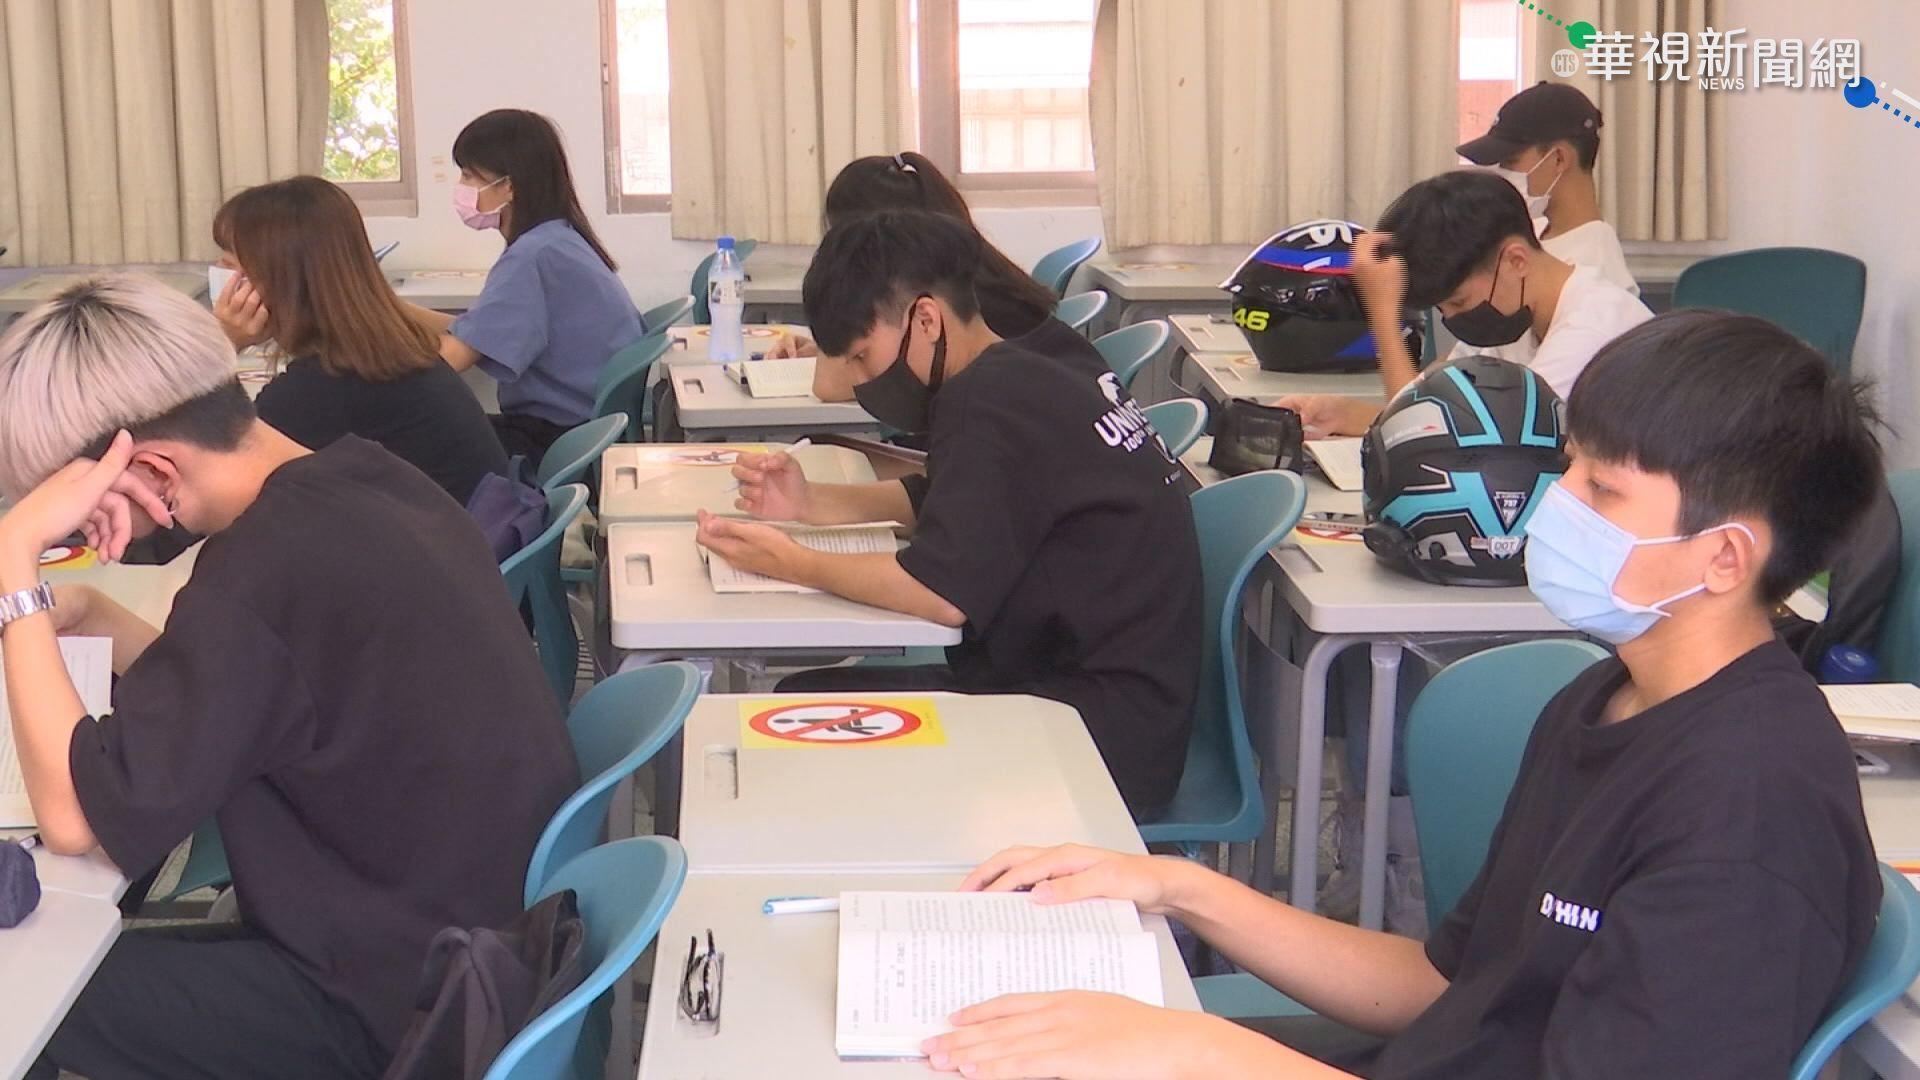 大學今起恢復實體課程 校方加強防疫